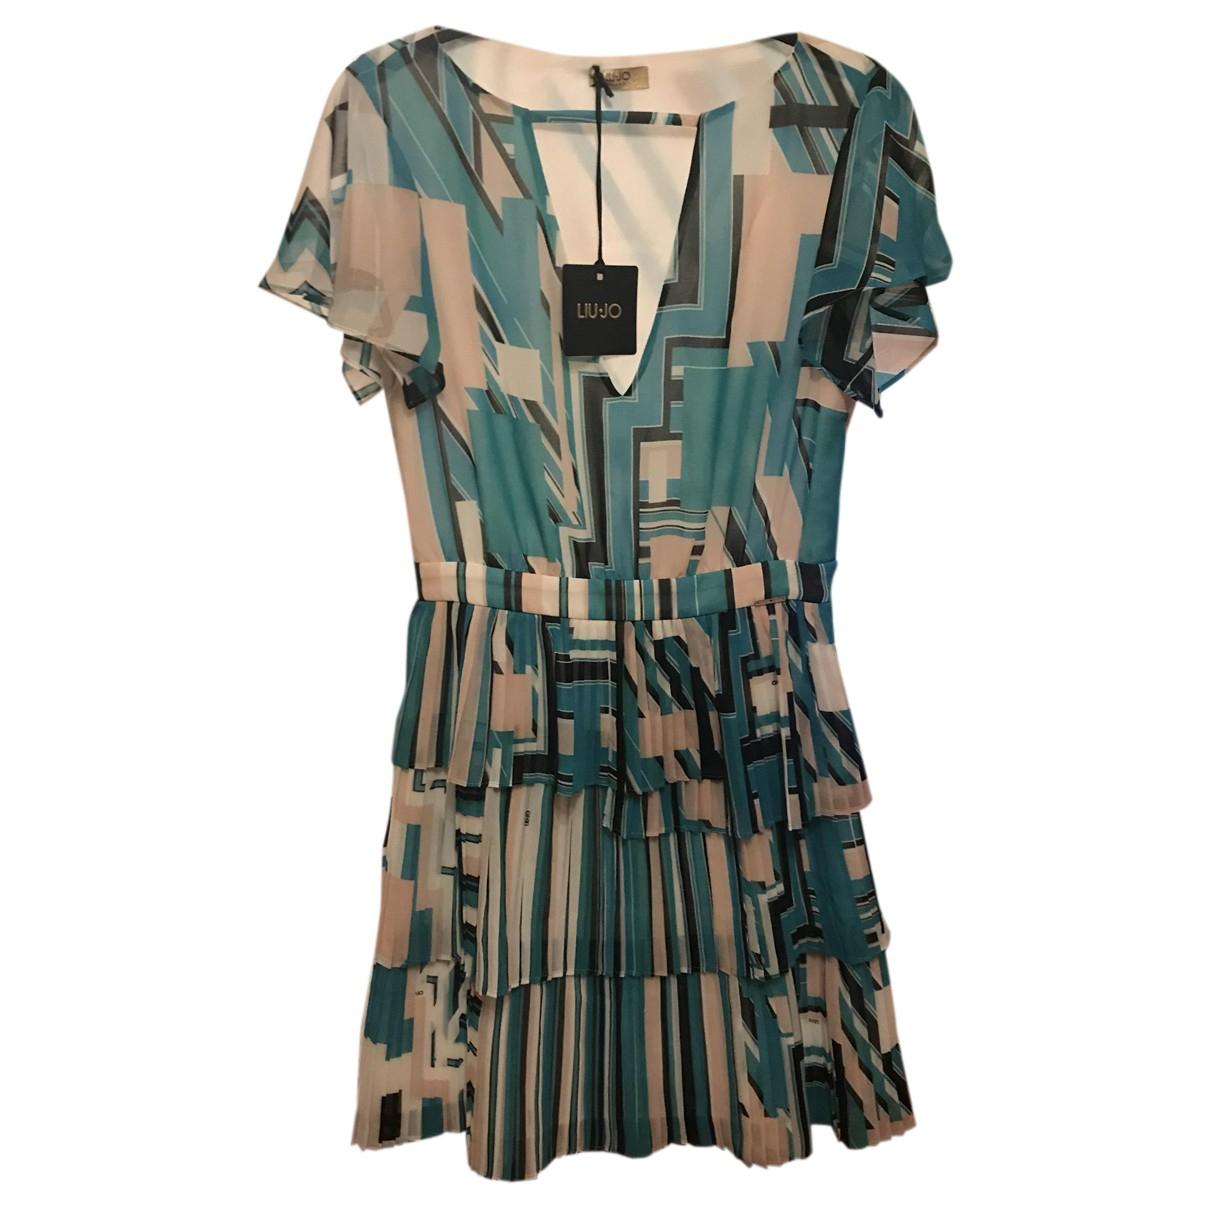 Liu.jo \N Kleid in  Bunt Polyester